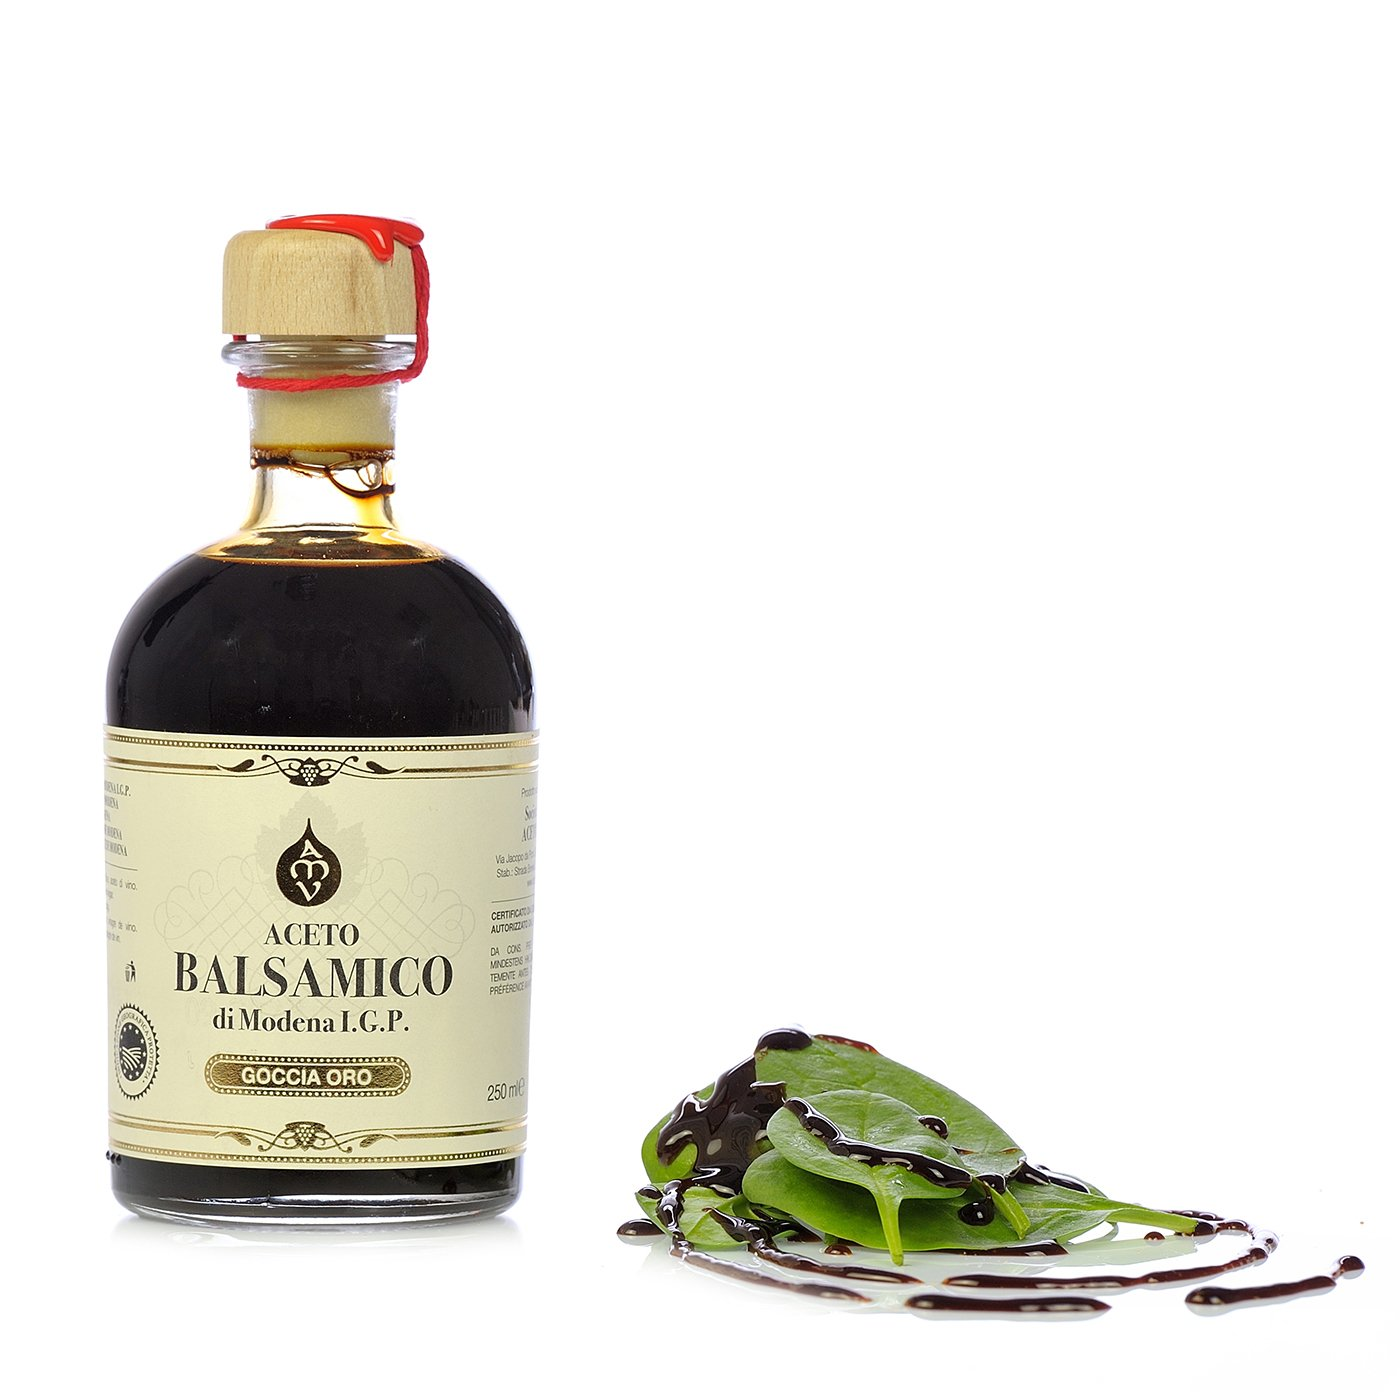 aceto balsamico di modena reserva - photo#34